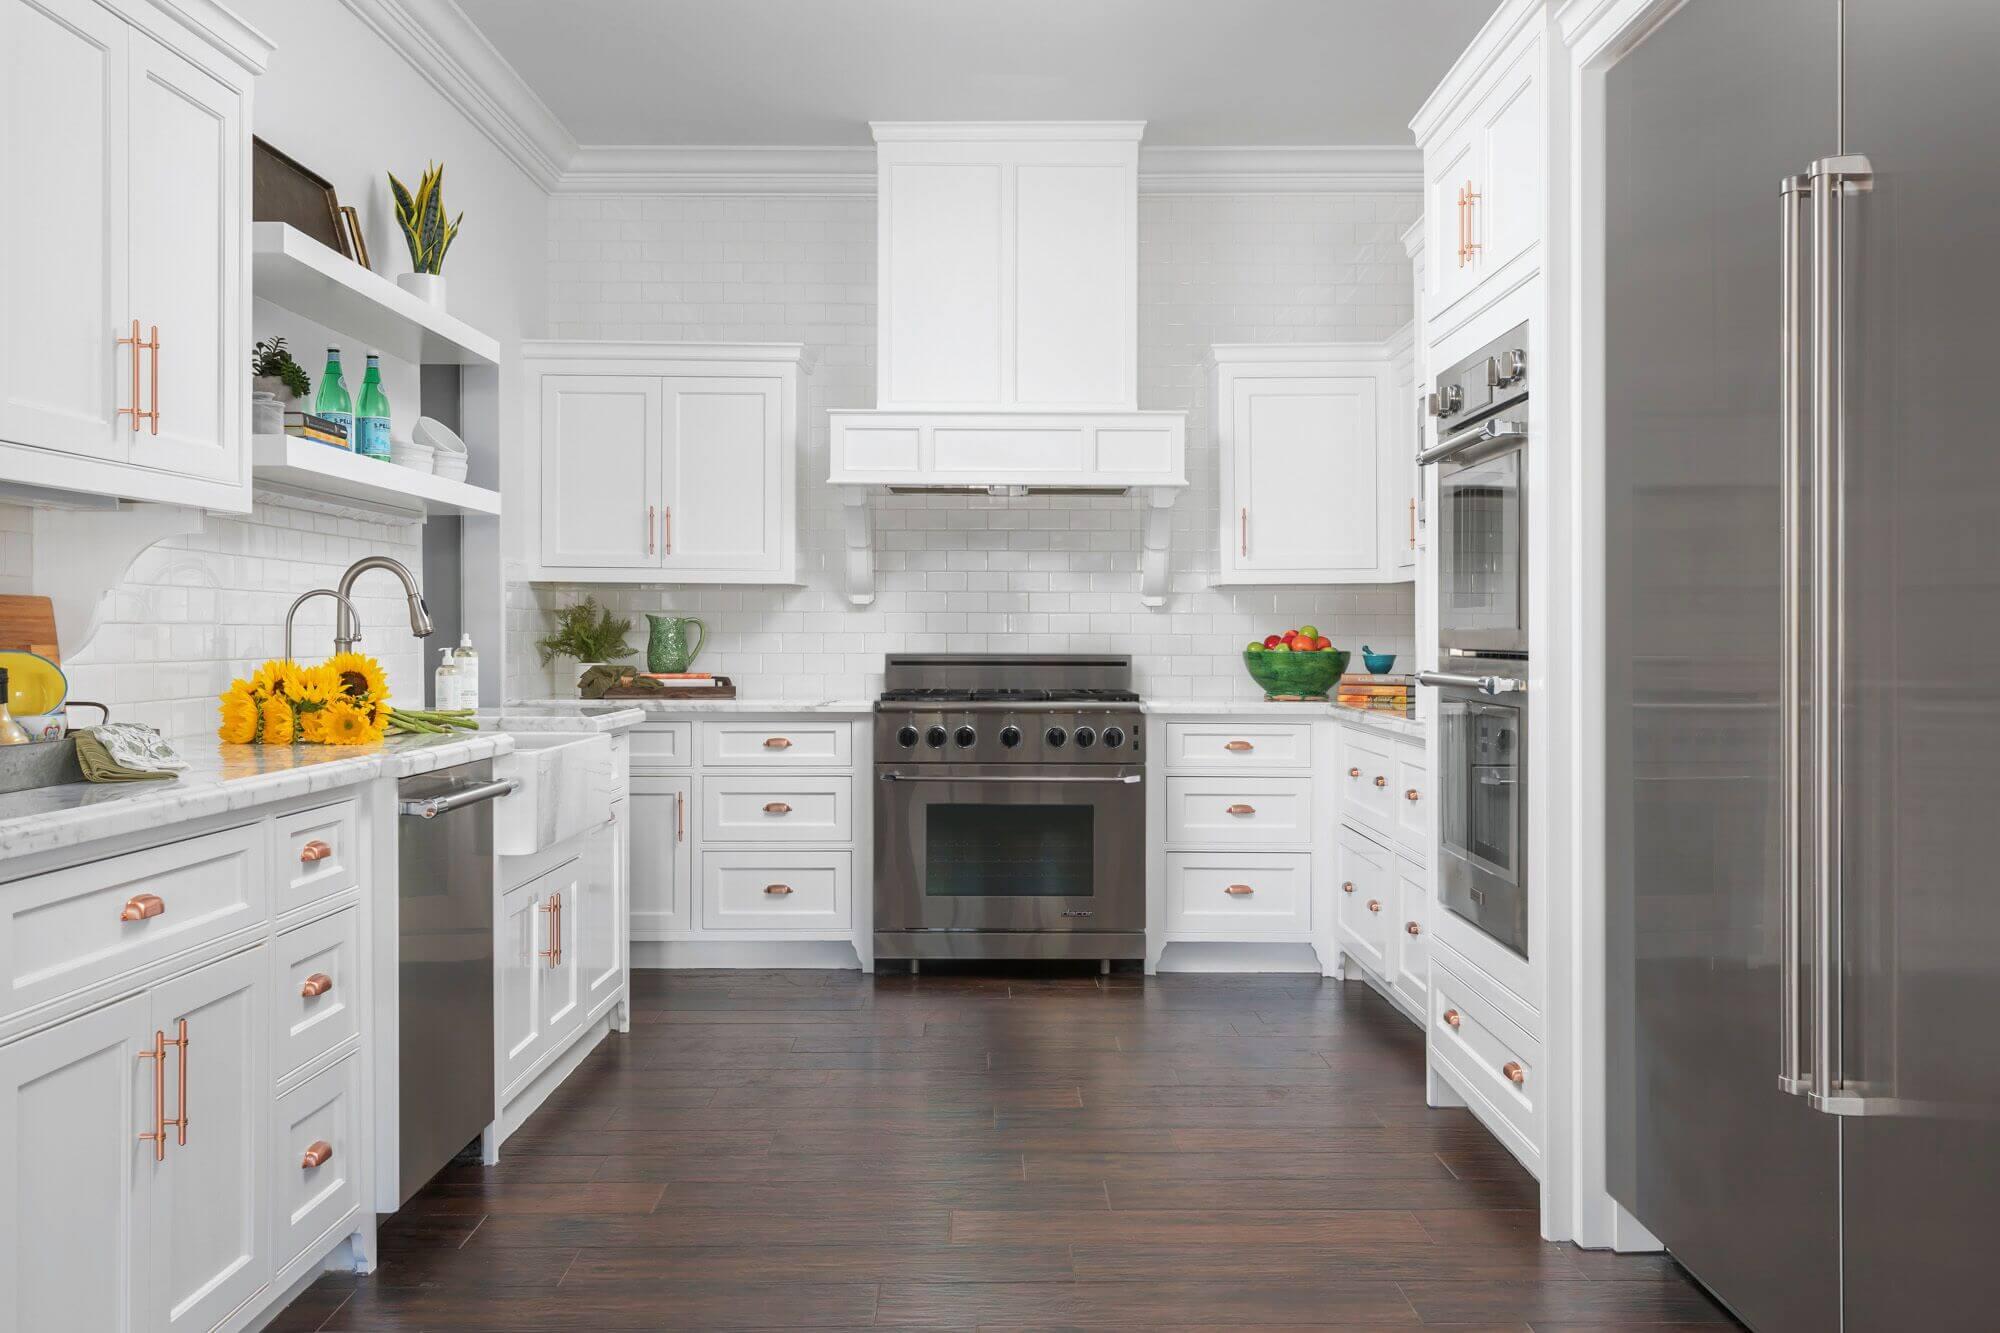 Kitchen Remodeling Design Trends